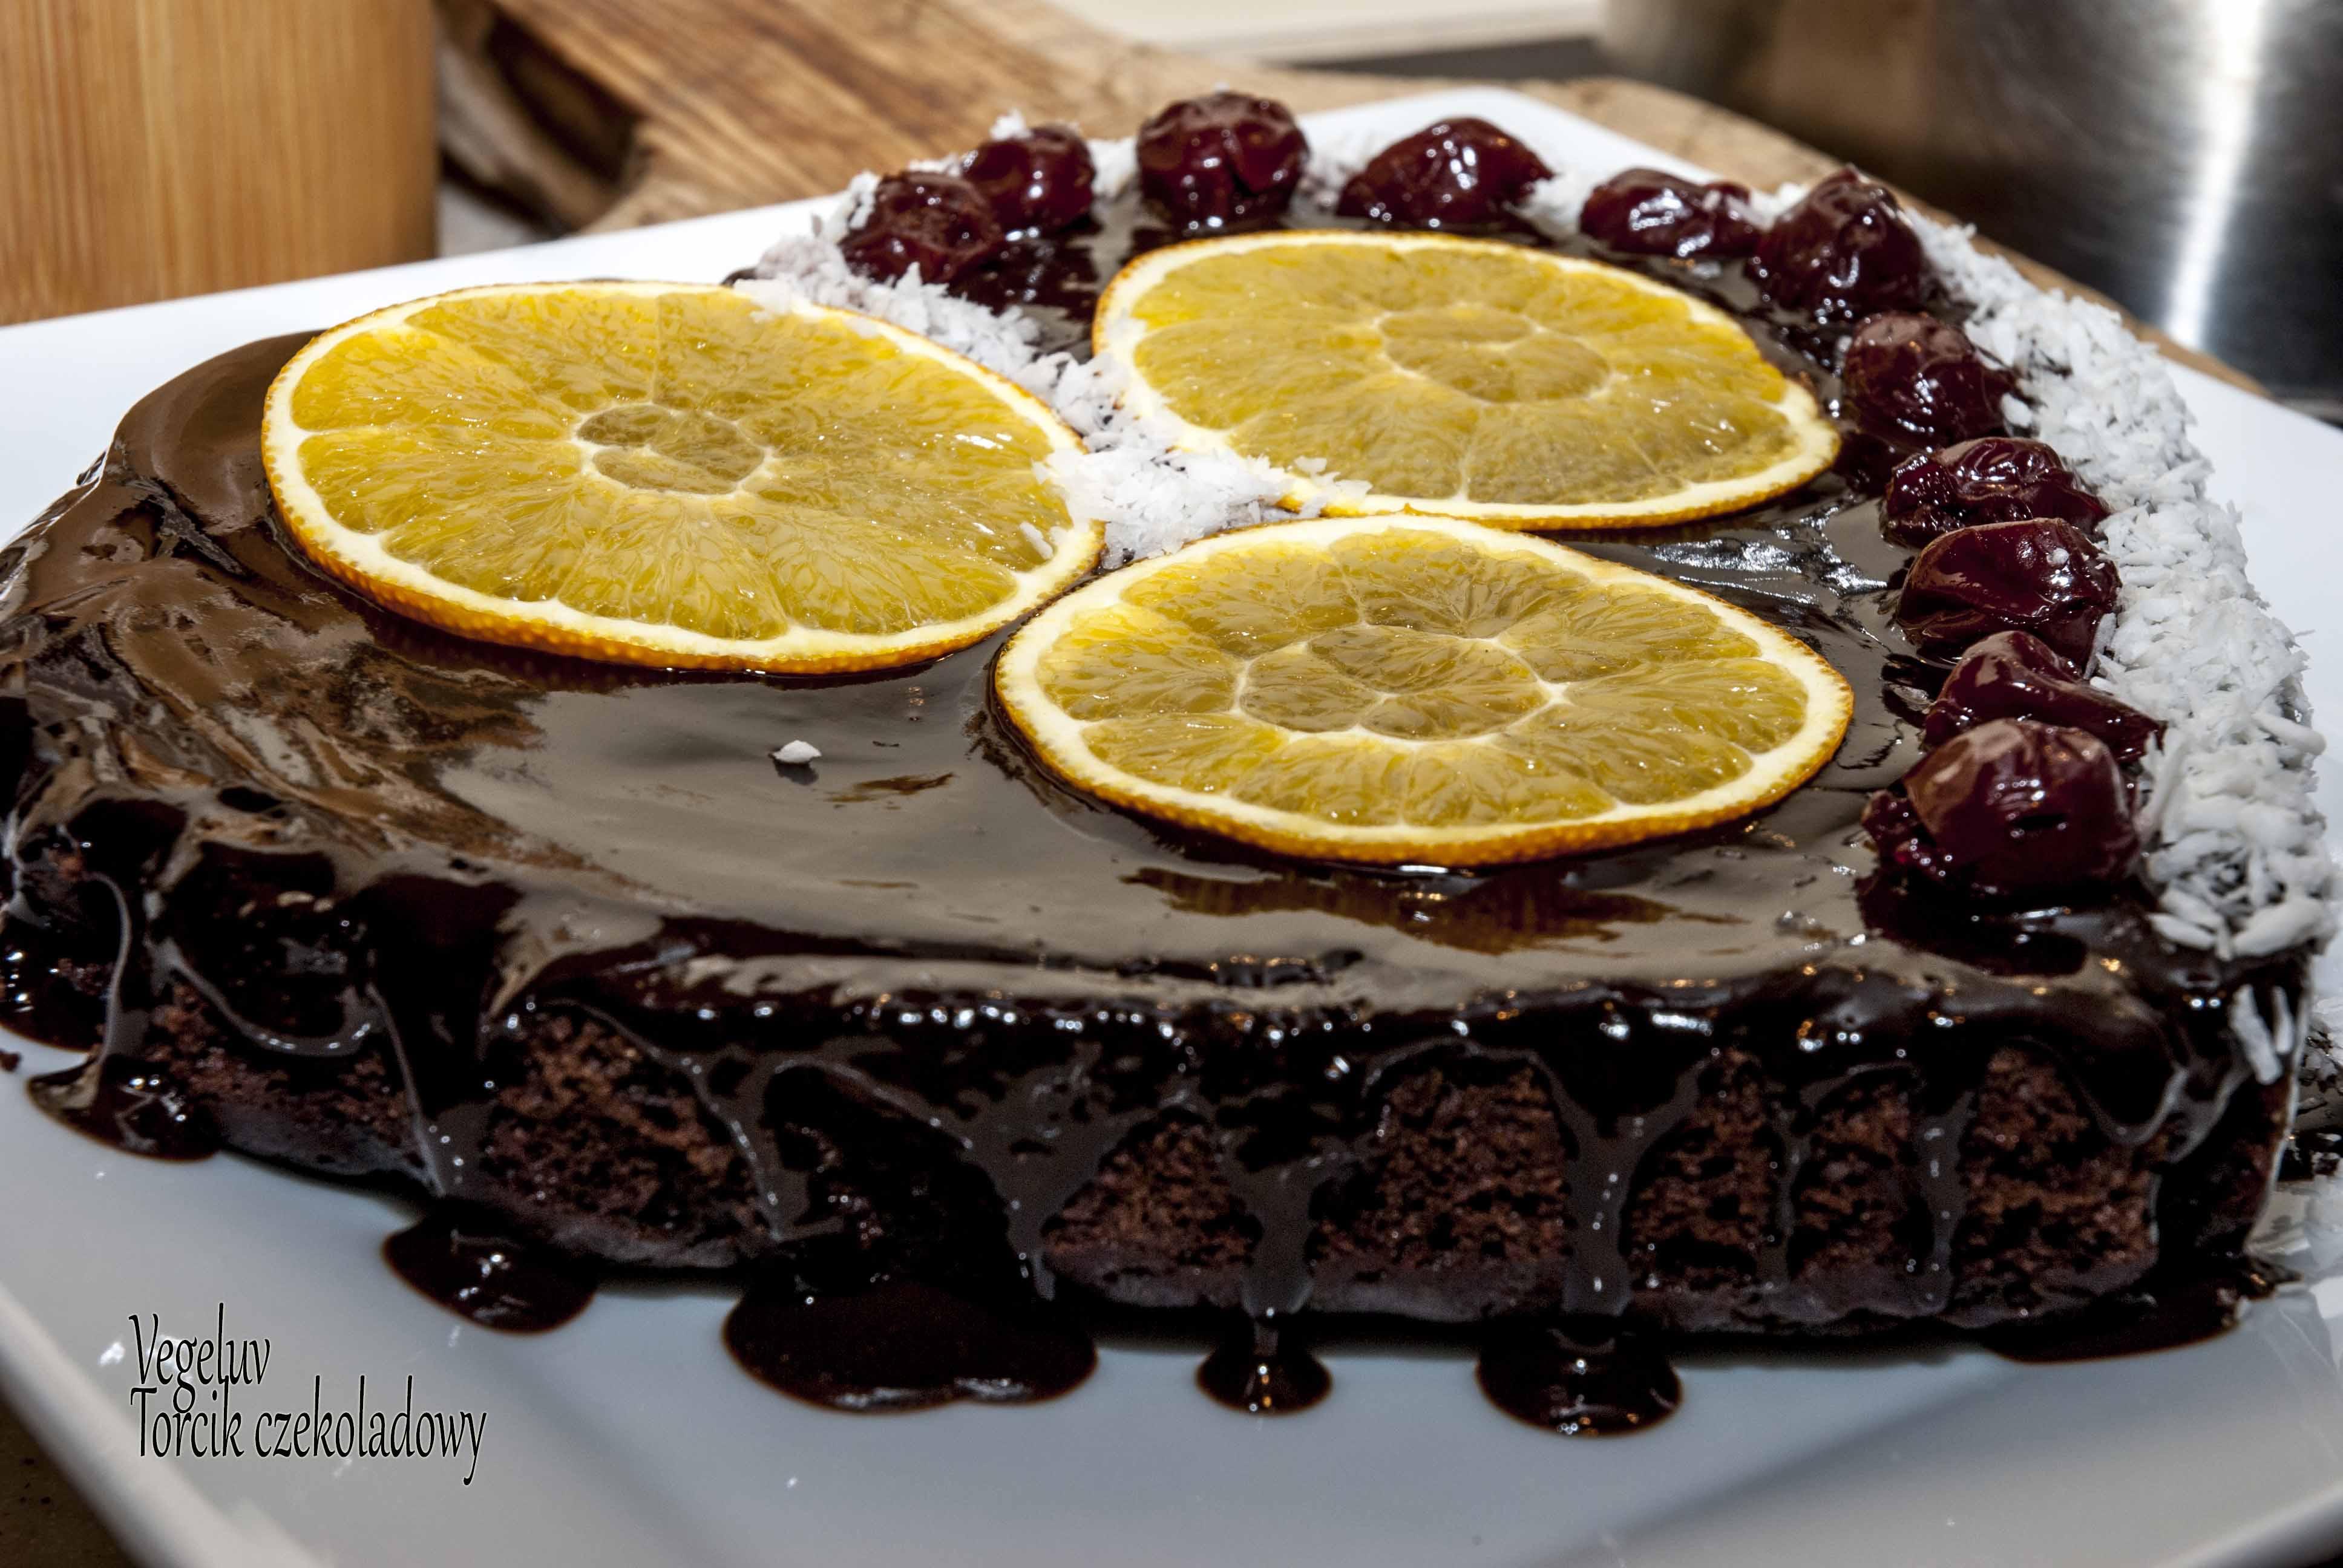 Vegeluv Tort Czekoladowy Wegański